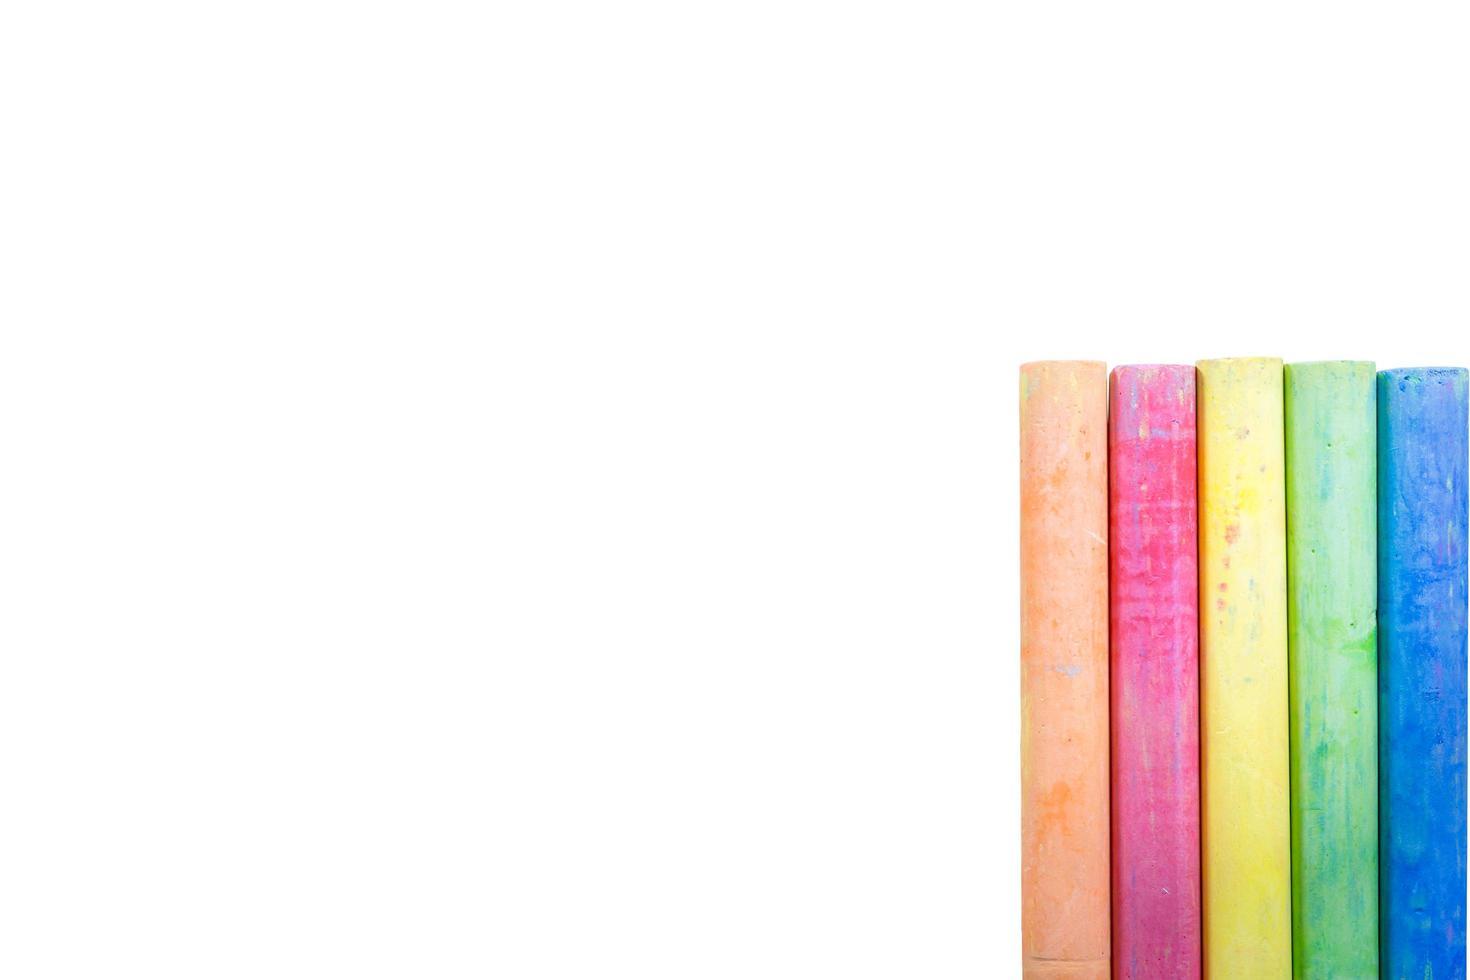 farbiges Kreideisolat auf weißem Hintergrund foto